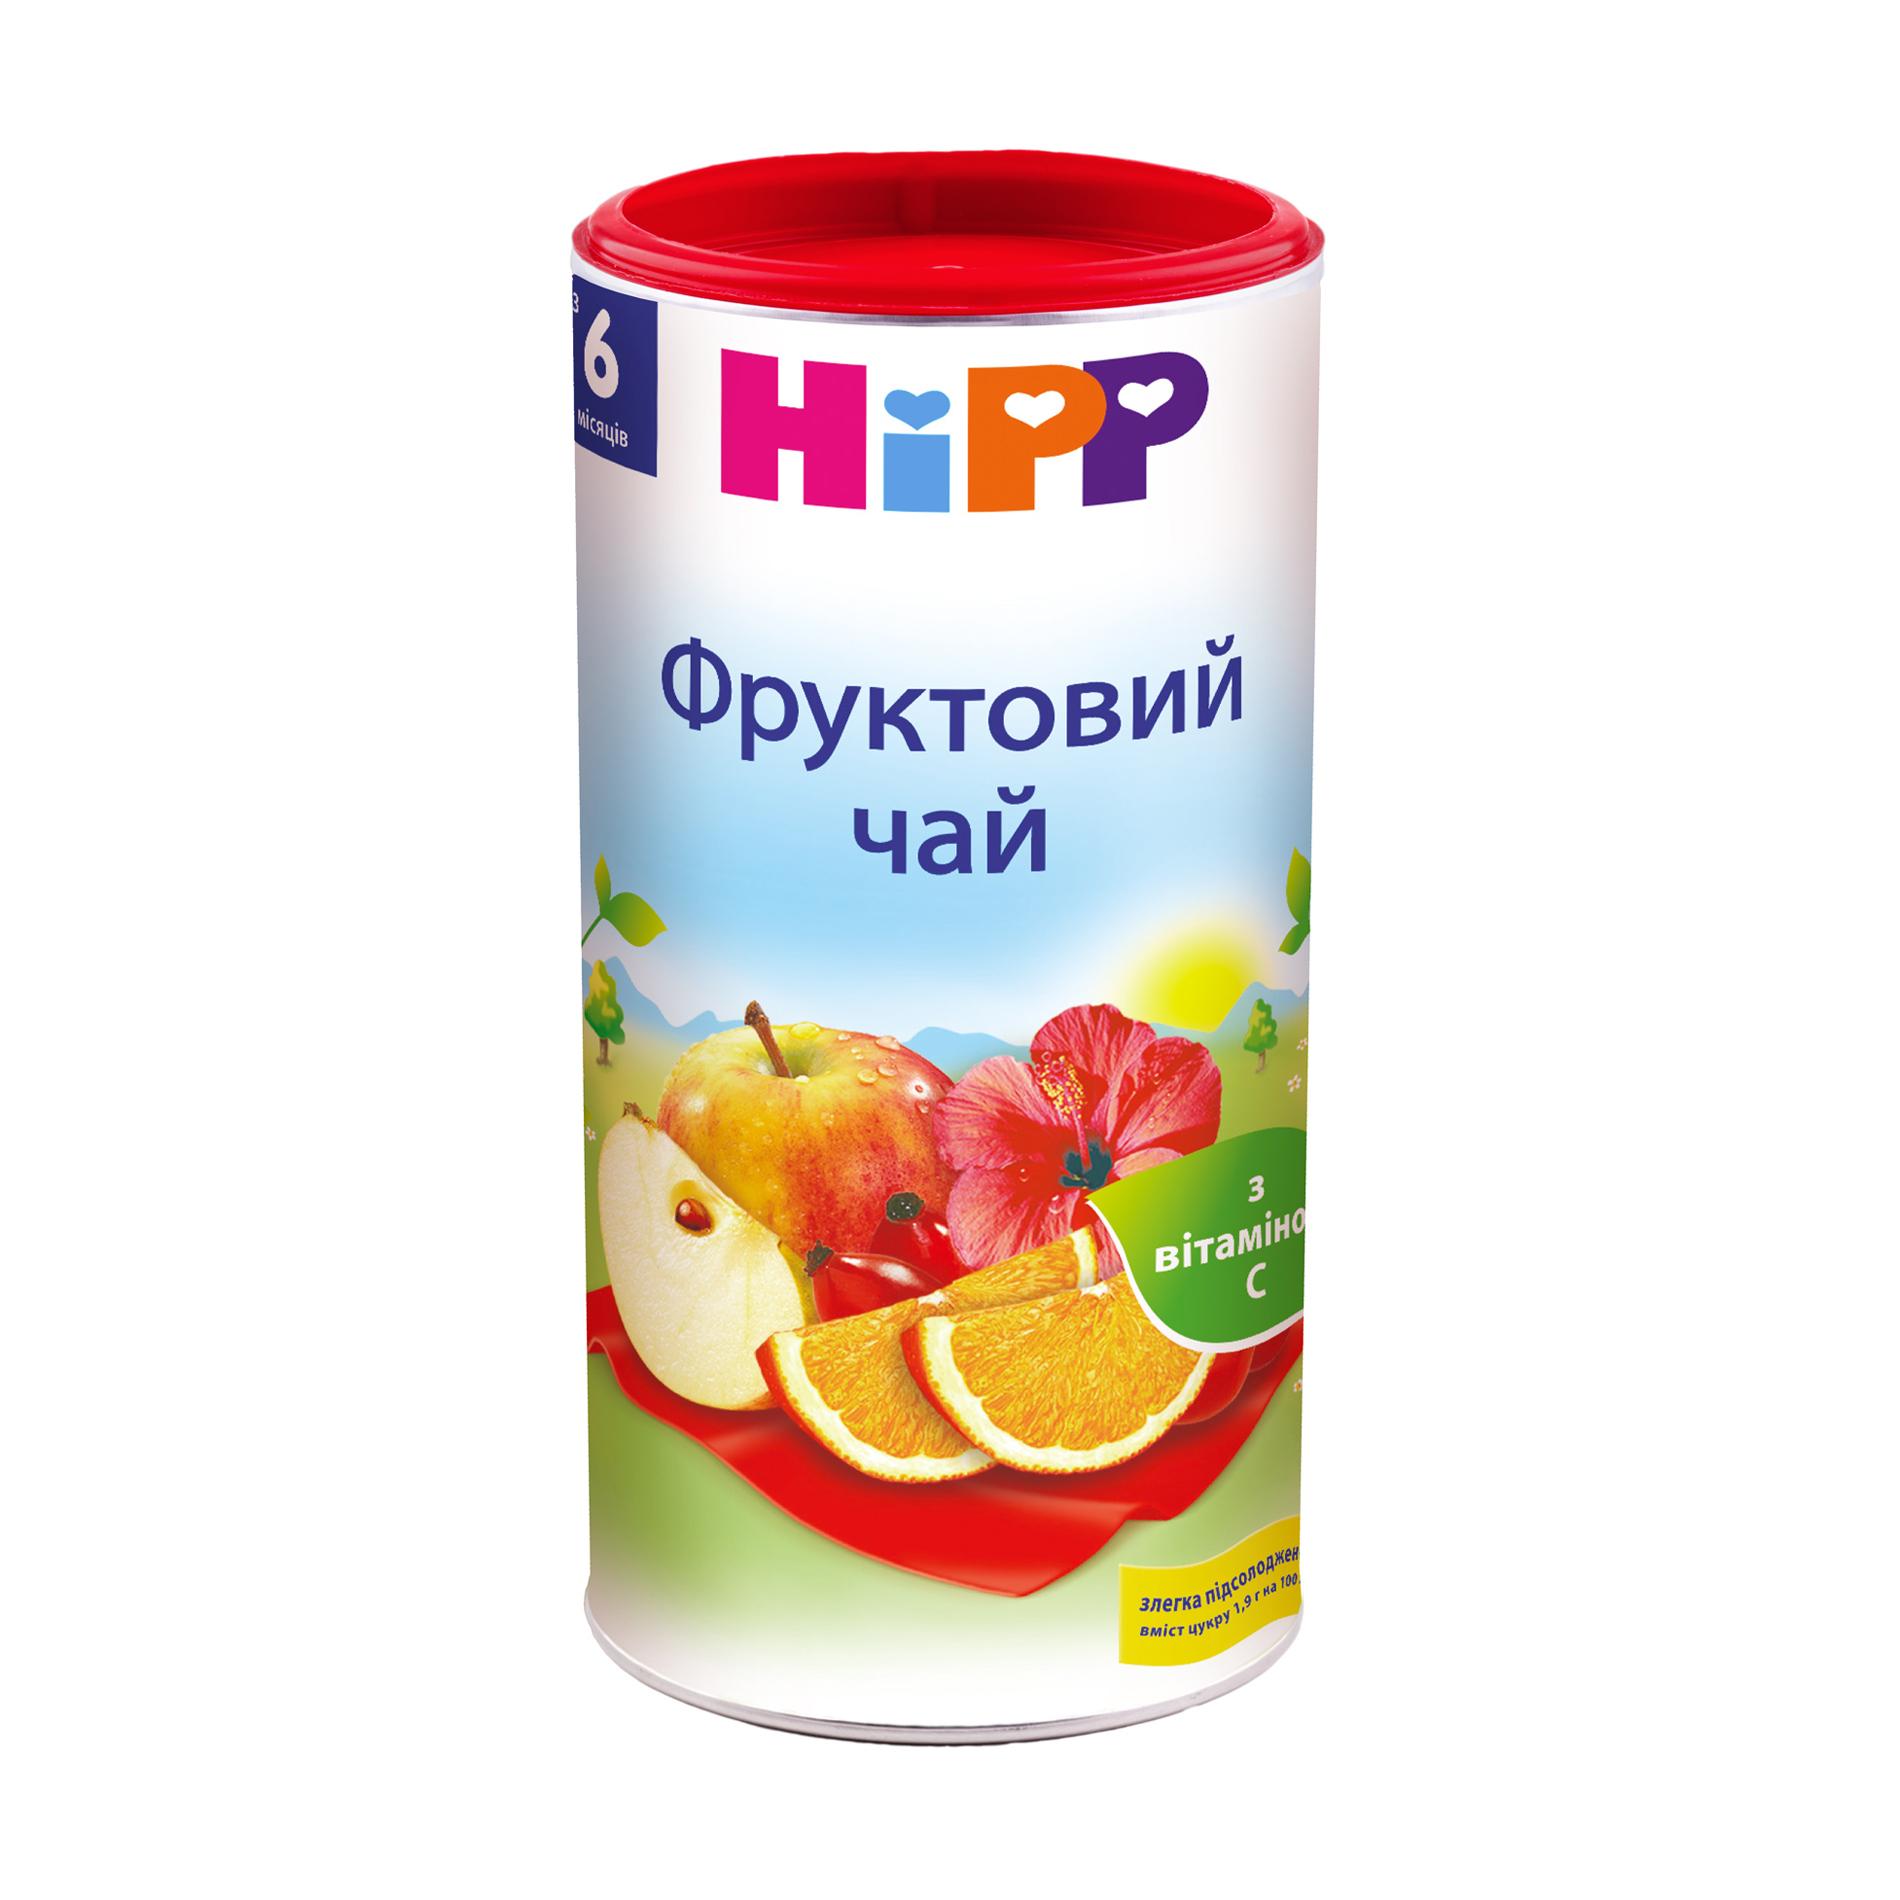 Дитячий чай HiPP фруктовий, з 6 місяців, 200 г